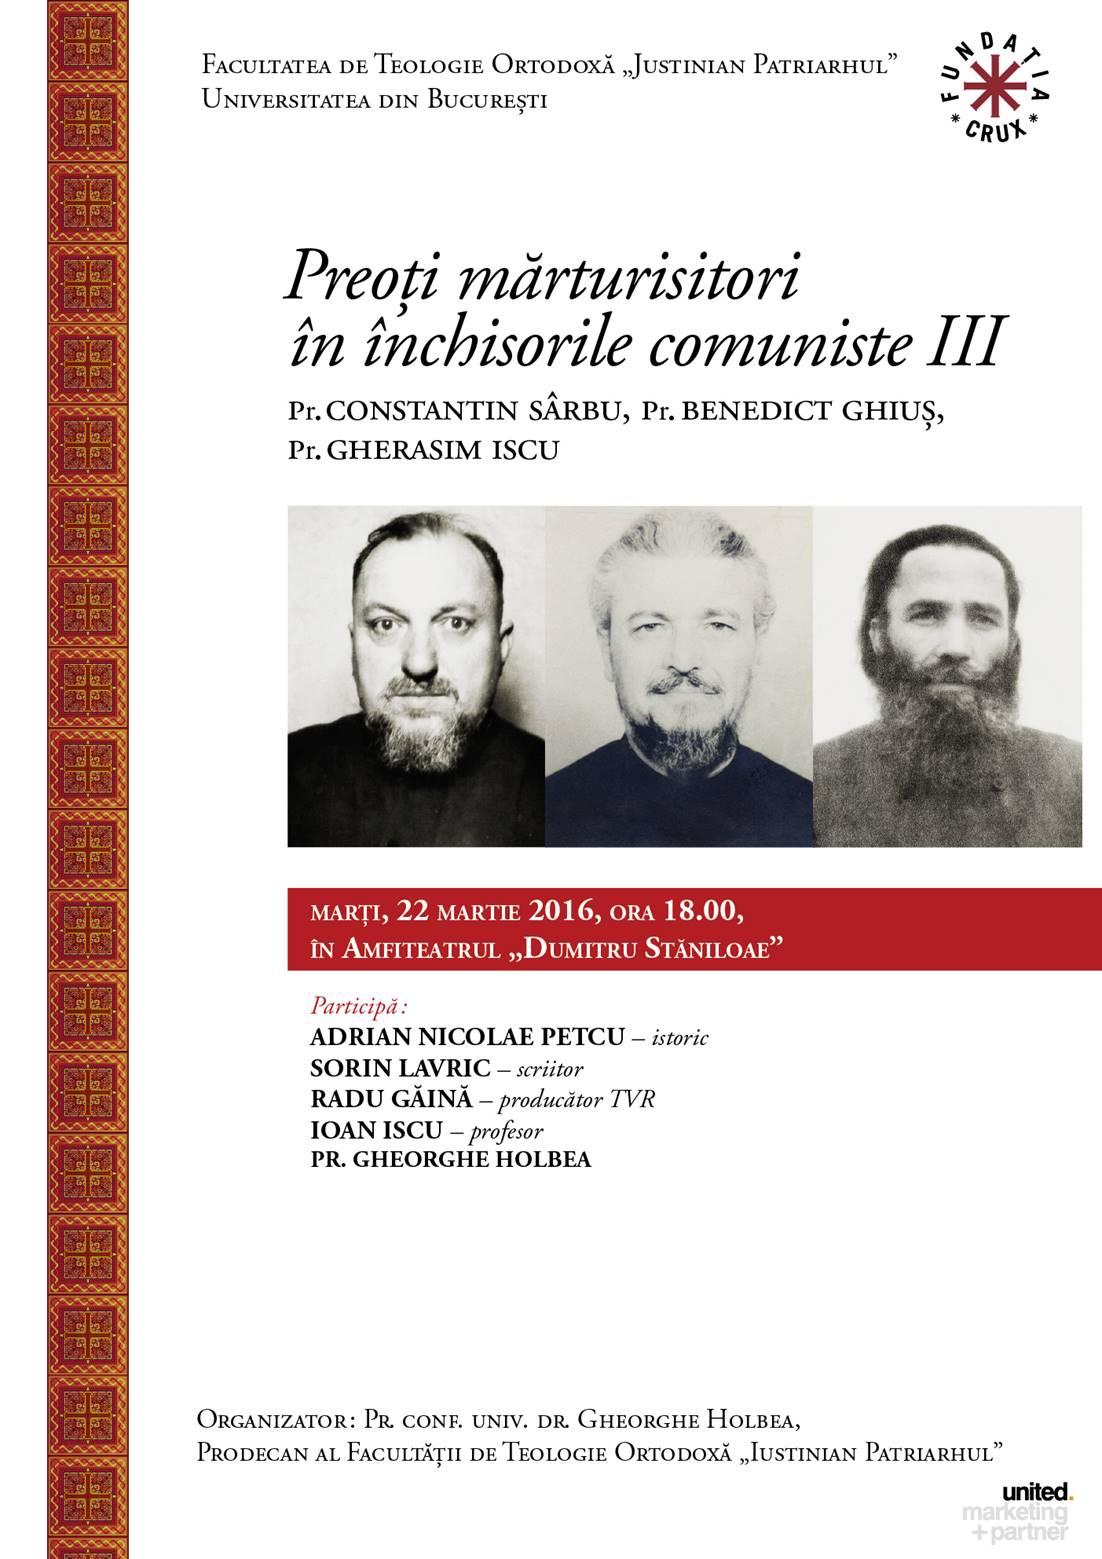 Preoti marturisitori in inchisorile comuniste (III). Simpozion dedicat parintilor CONSTANTIN SARBU, BENEDICT GHIUS, GHERASIM ISCU